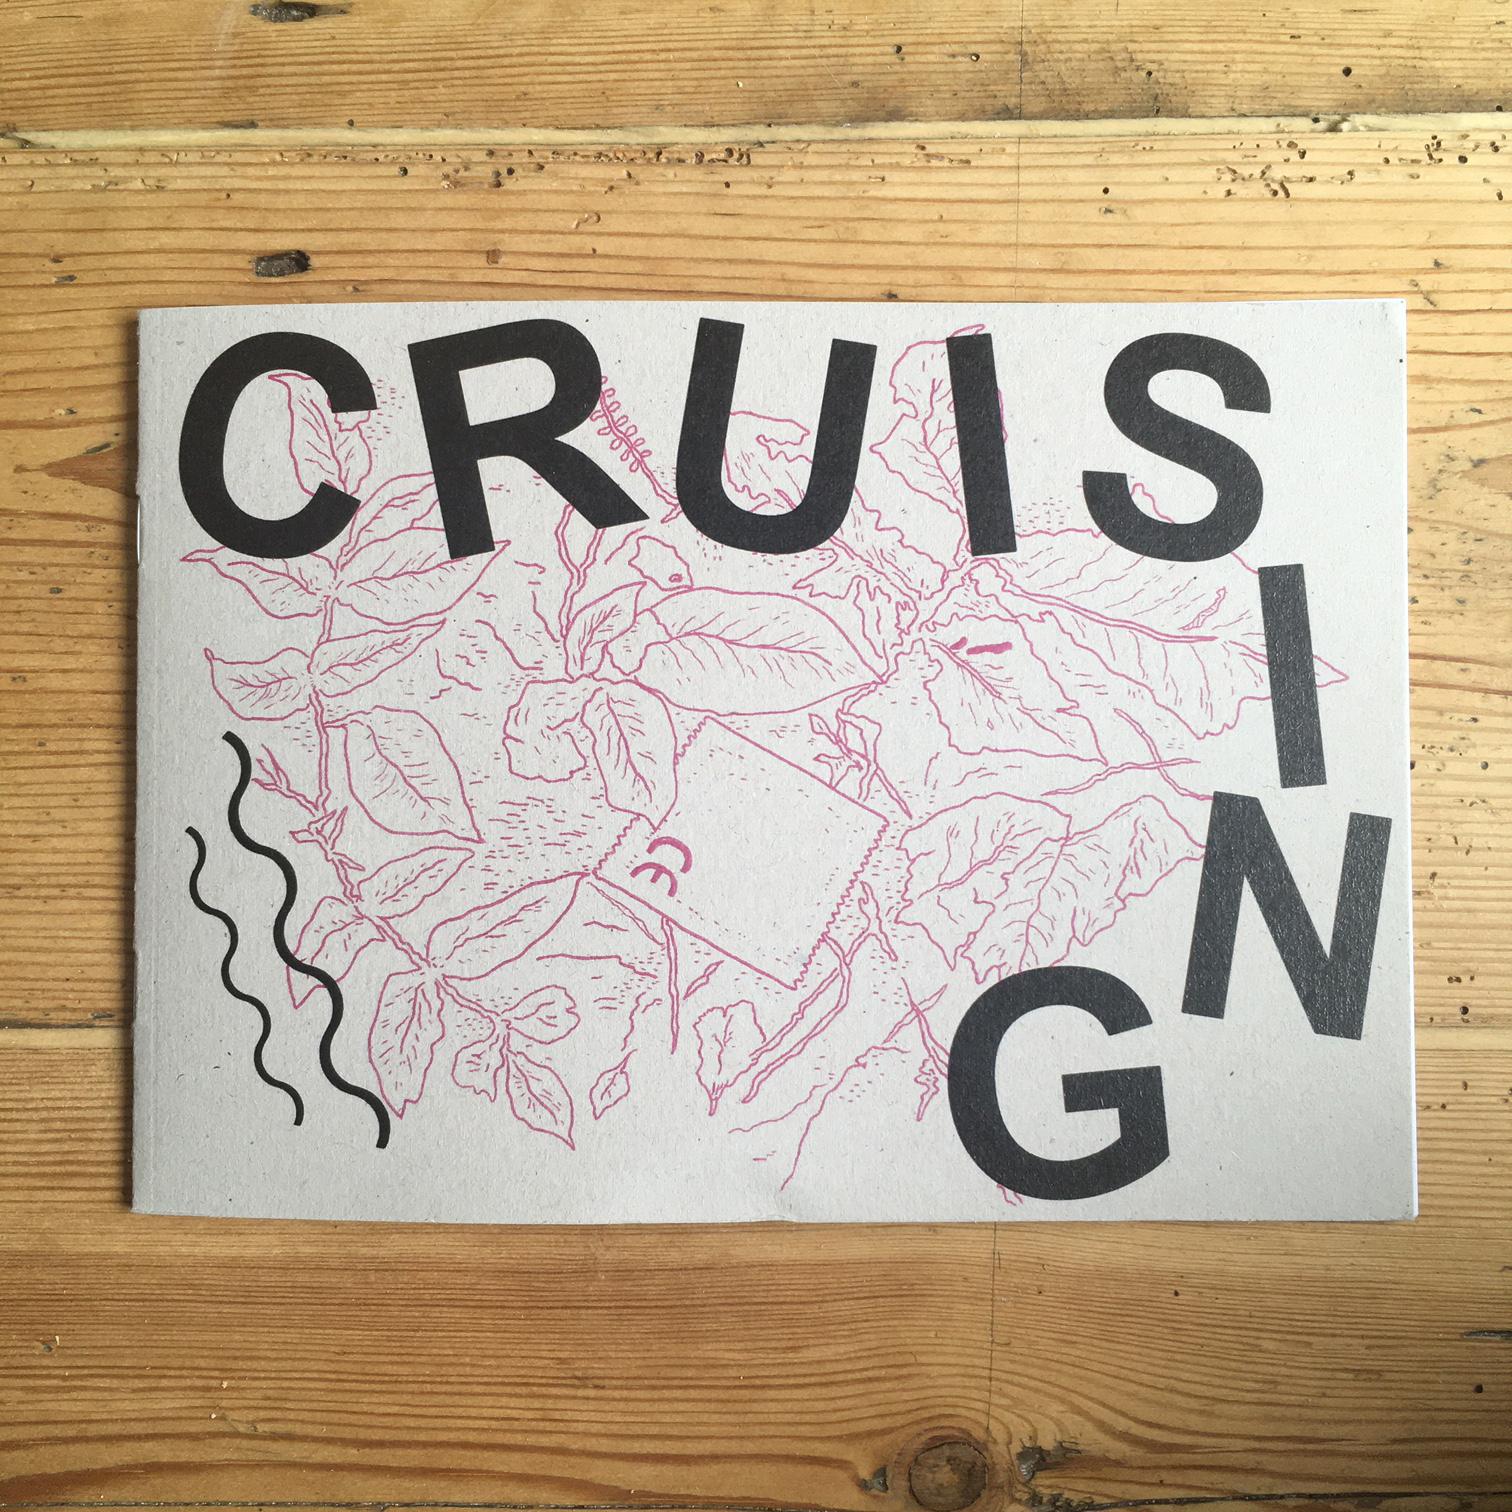 Cruising - A5 zine